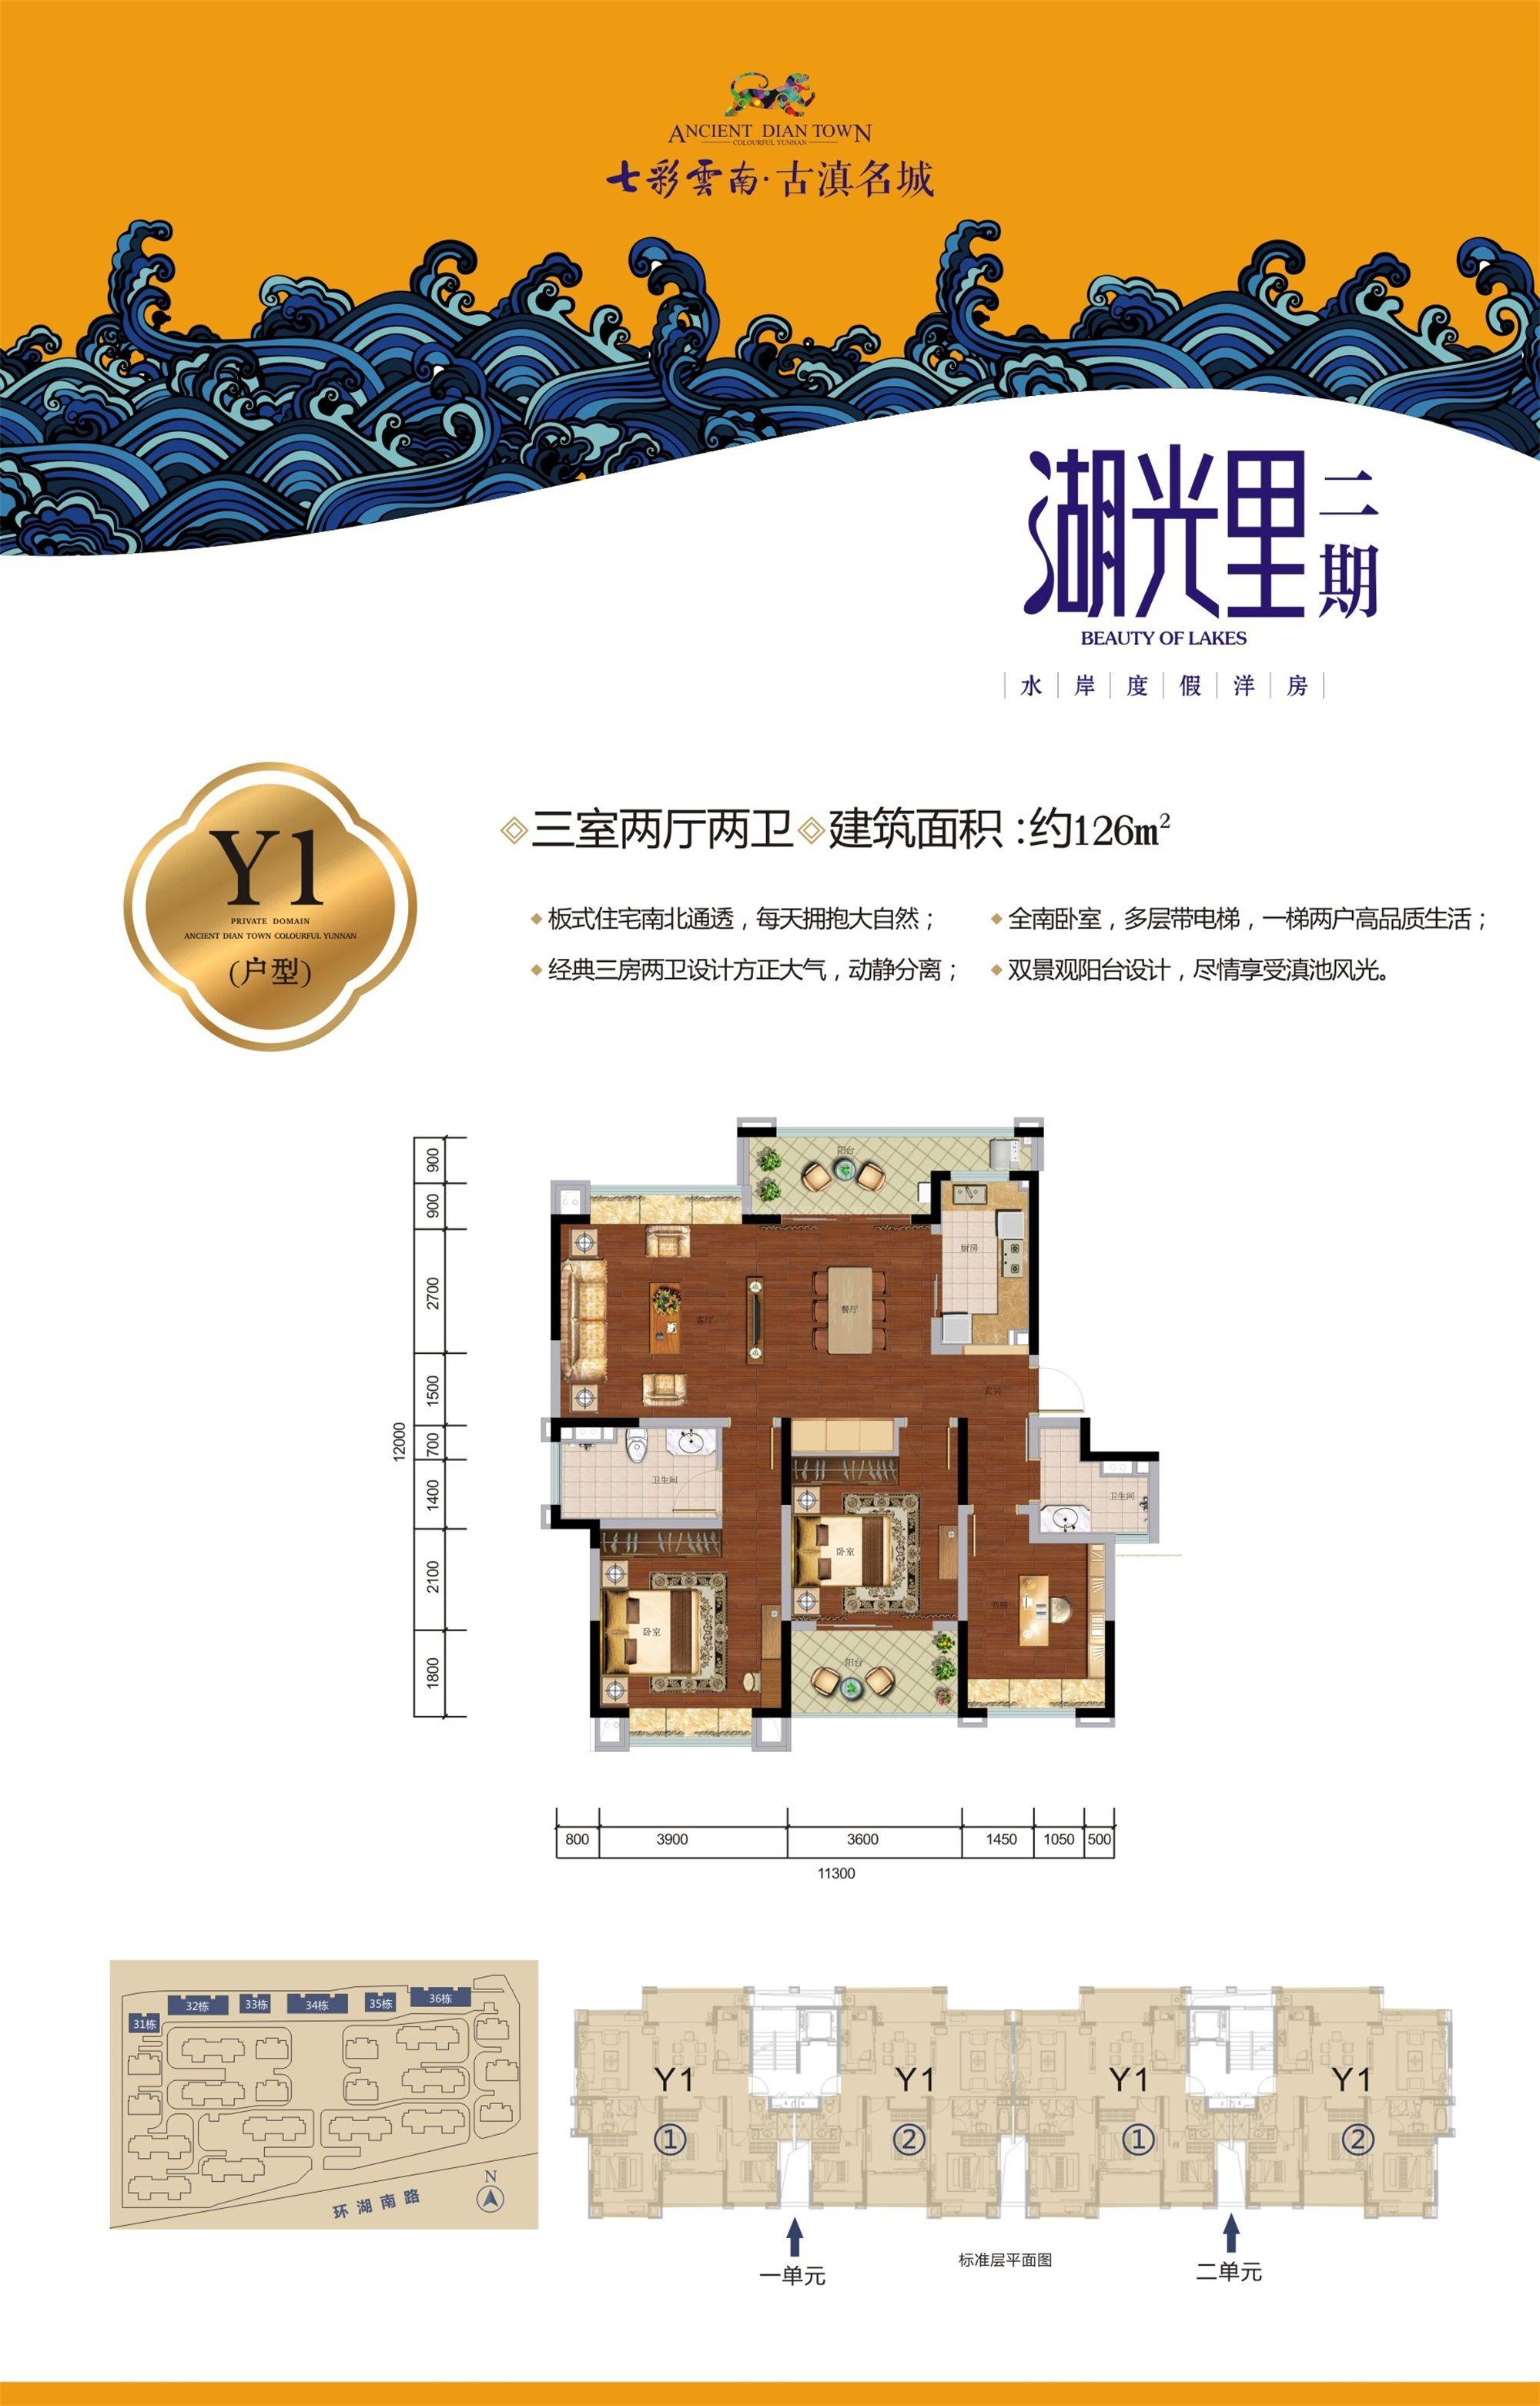 湖光里二期Y1户型 3房2厅2卫 建面126平